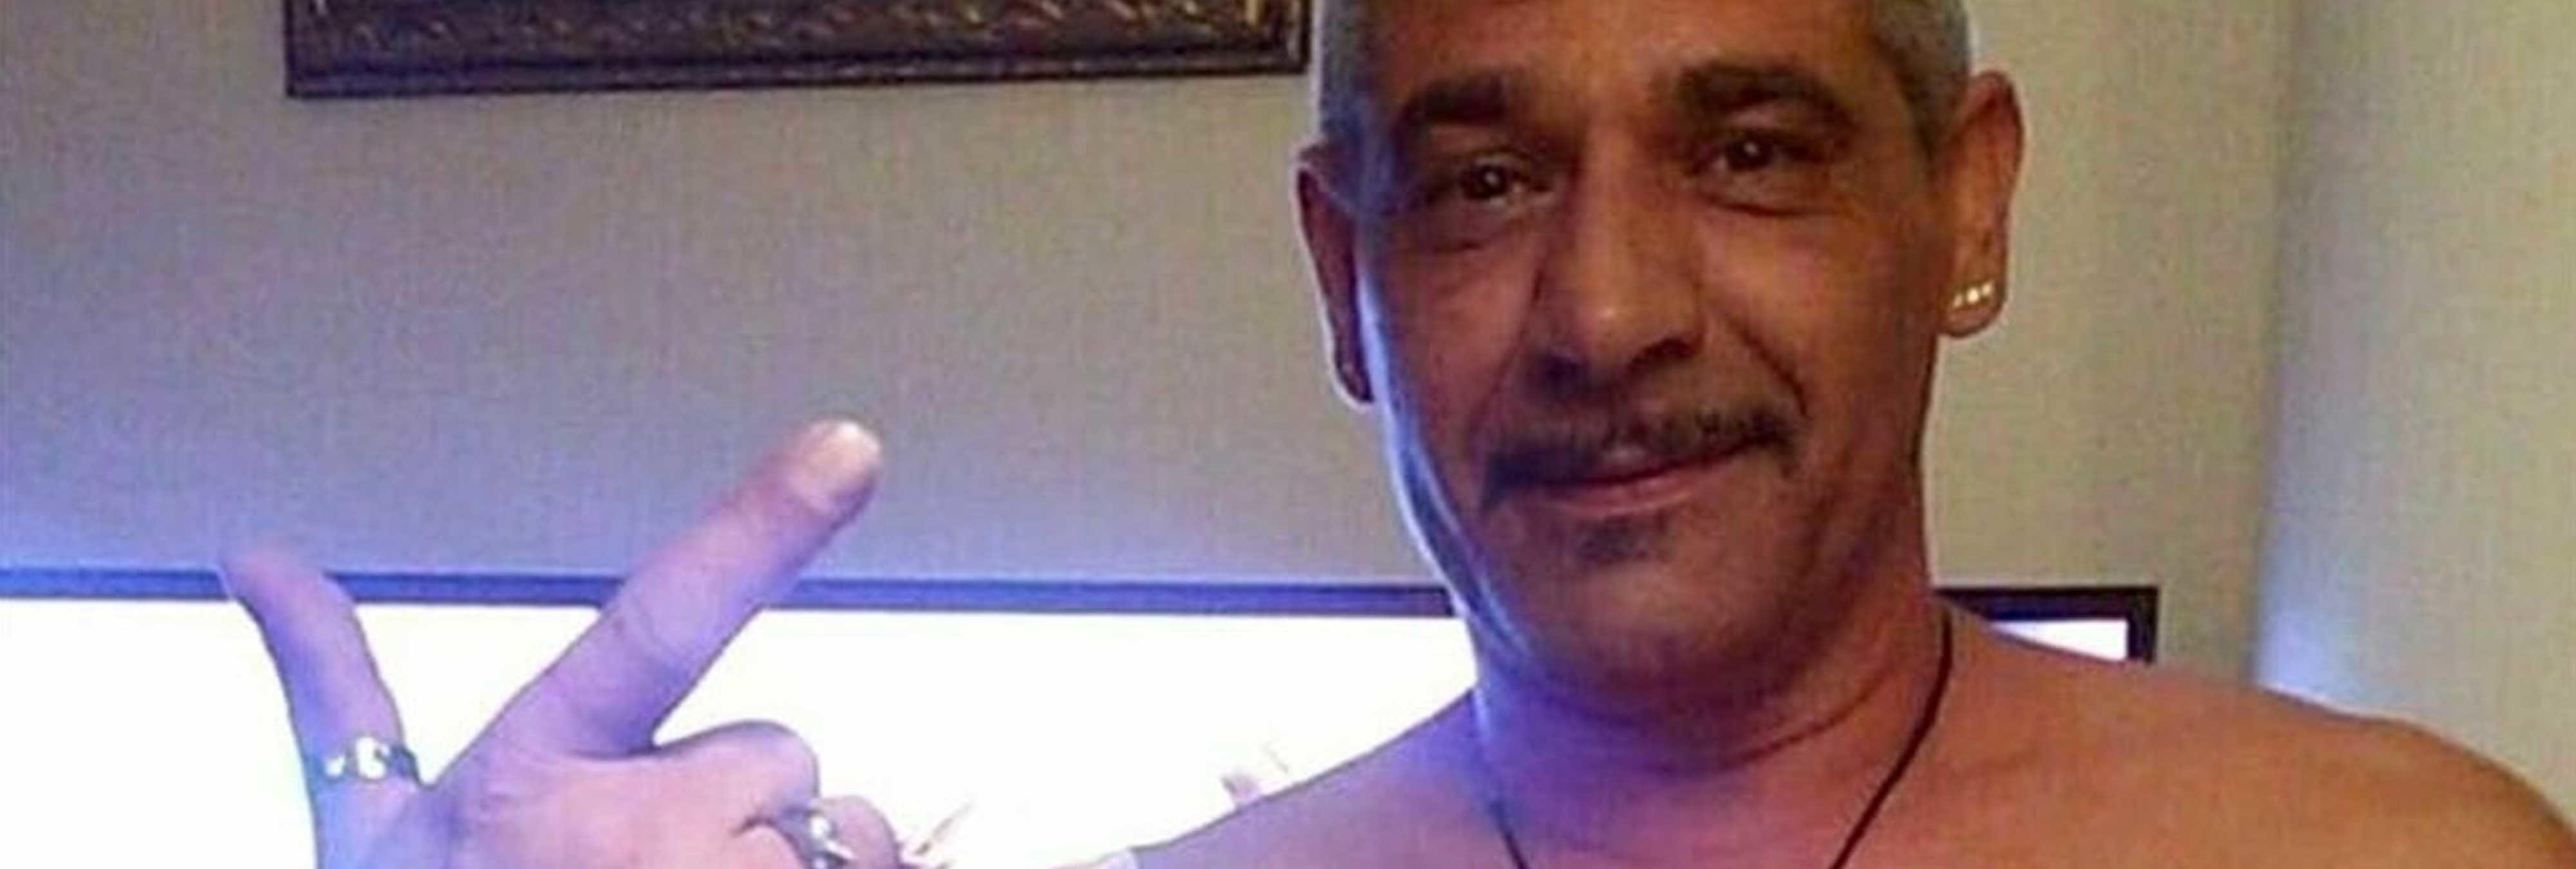 """La carta de Bernardo Montoya: """"No soy el asesino de Laura Luelmo, lo oculté por amor"""""""